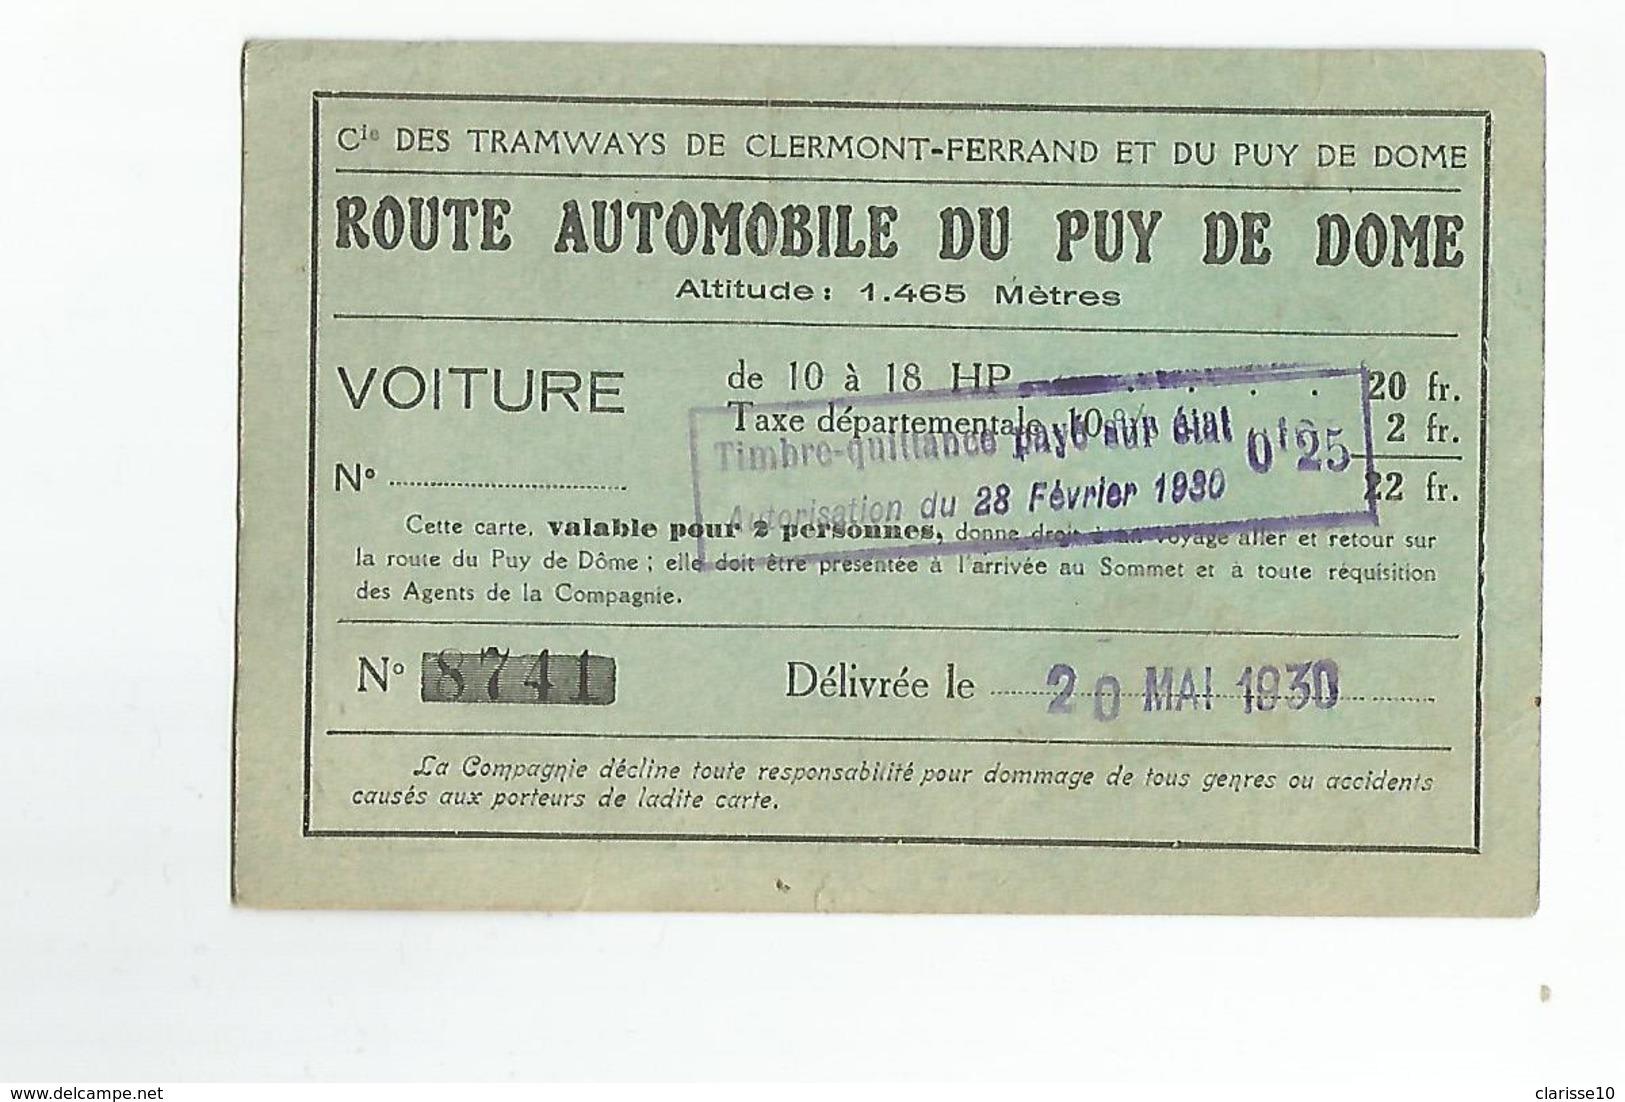 Carte Route Automobile Du Puy De Dome Cie Des Tramways  De Clermont Ferrand N°8741 1930 - Transportation Tickets